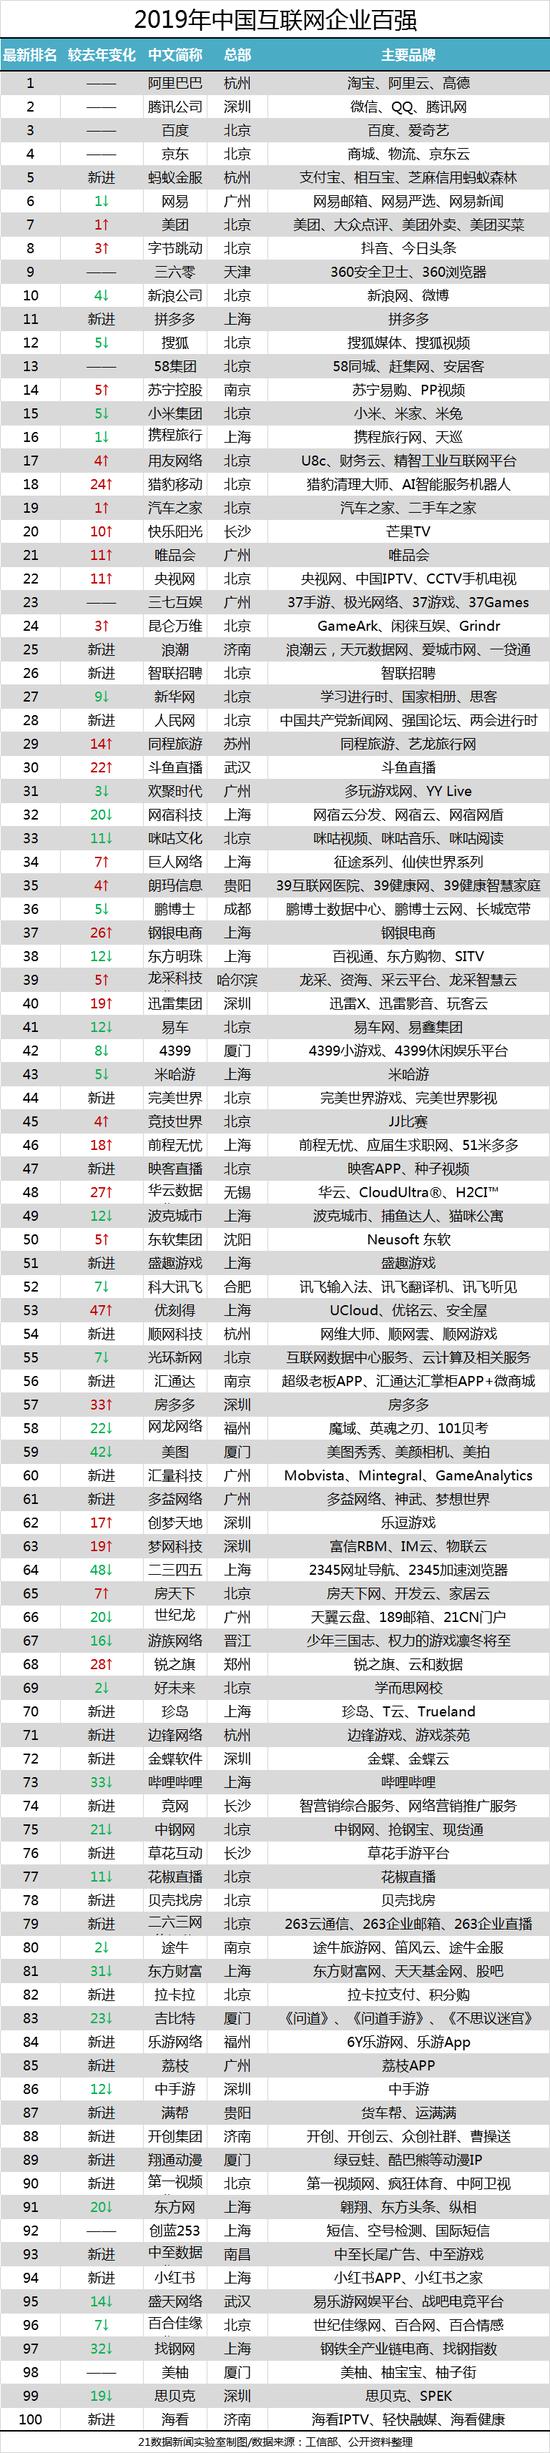 【体育教学】图解中国互联网百强:8家市值逾千亿 北上广深占